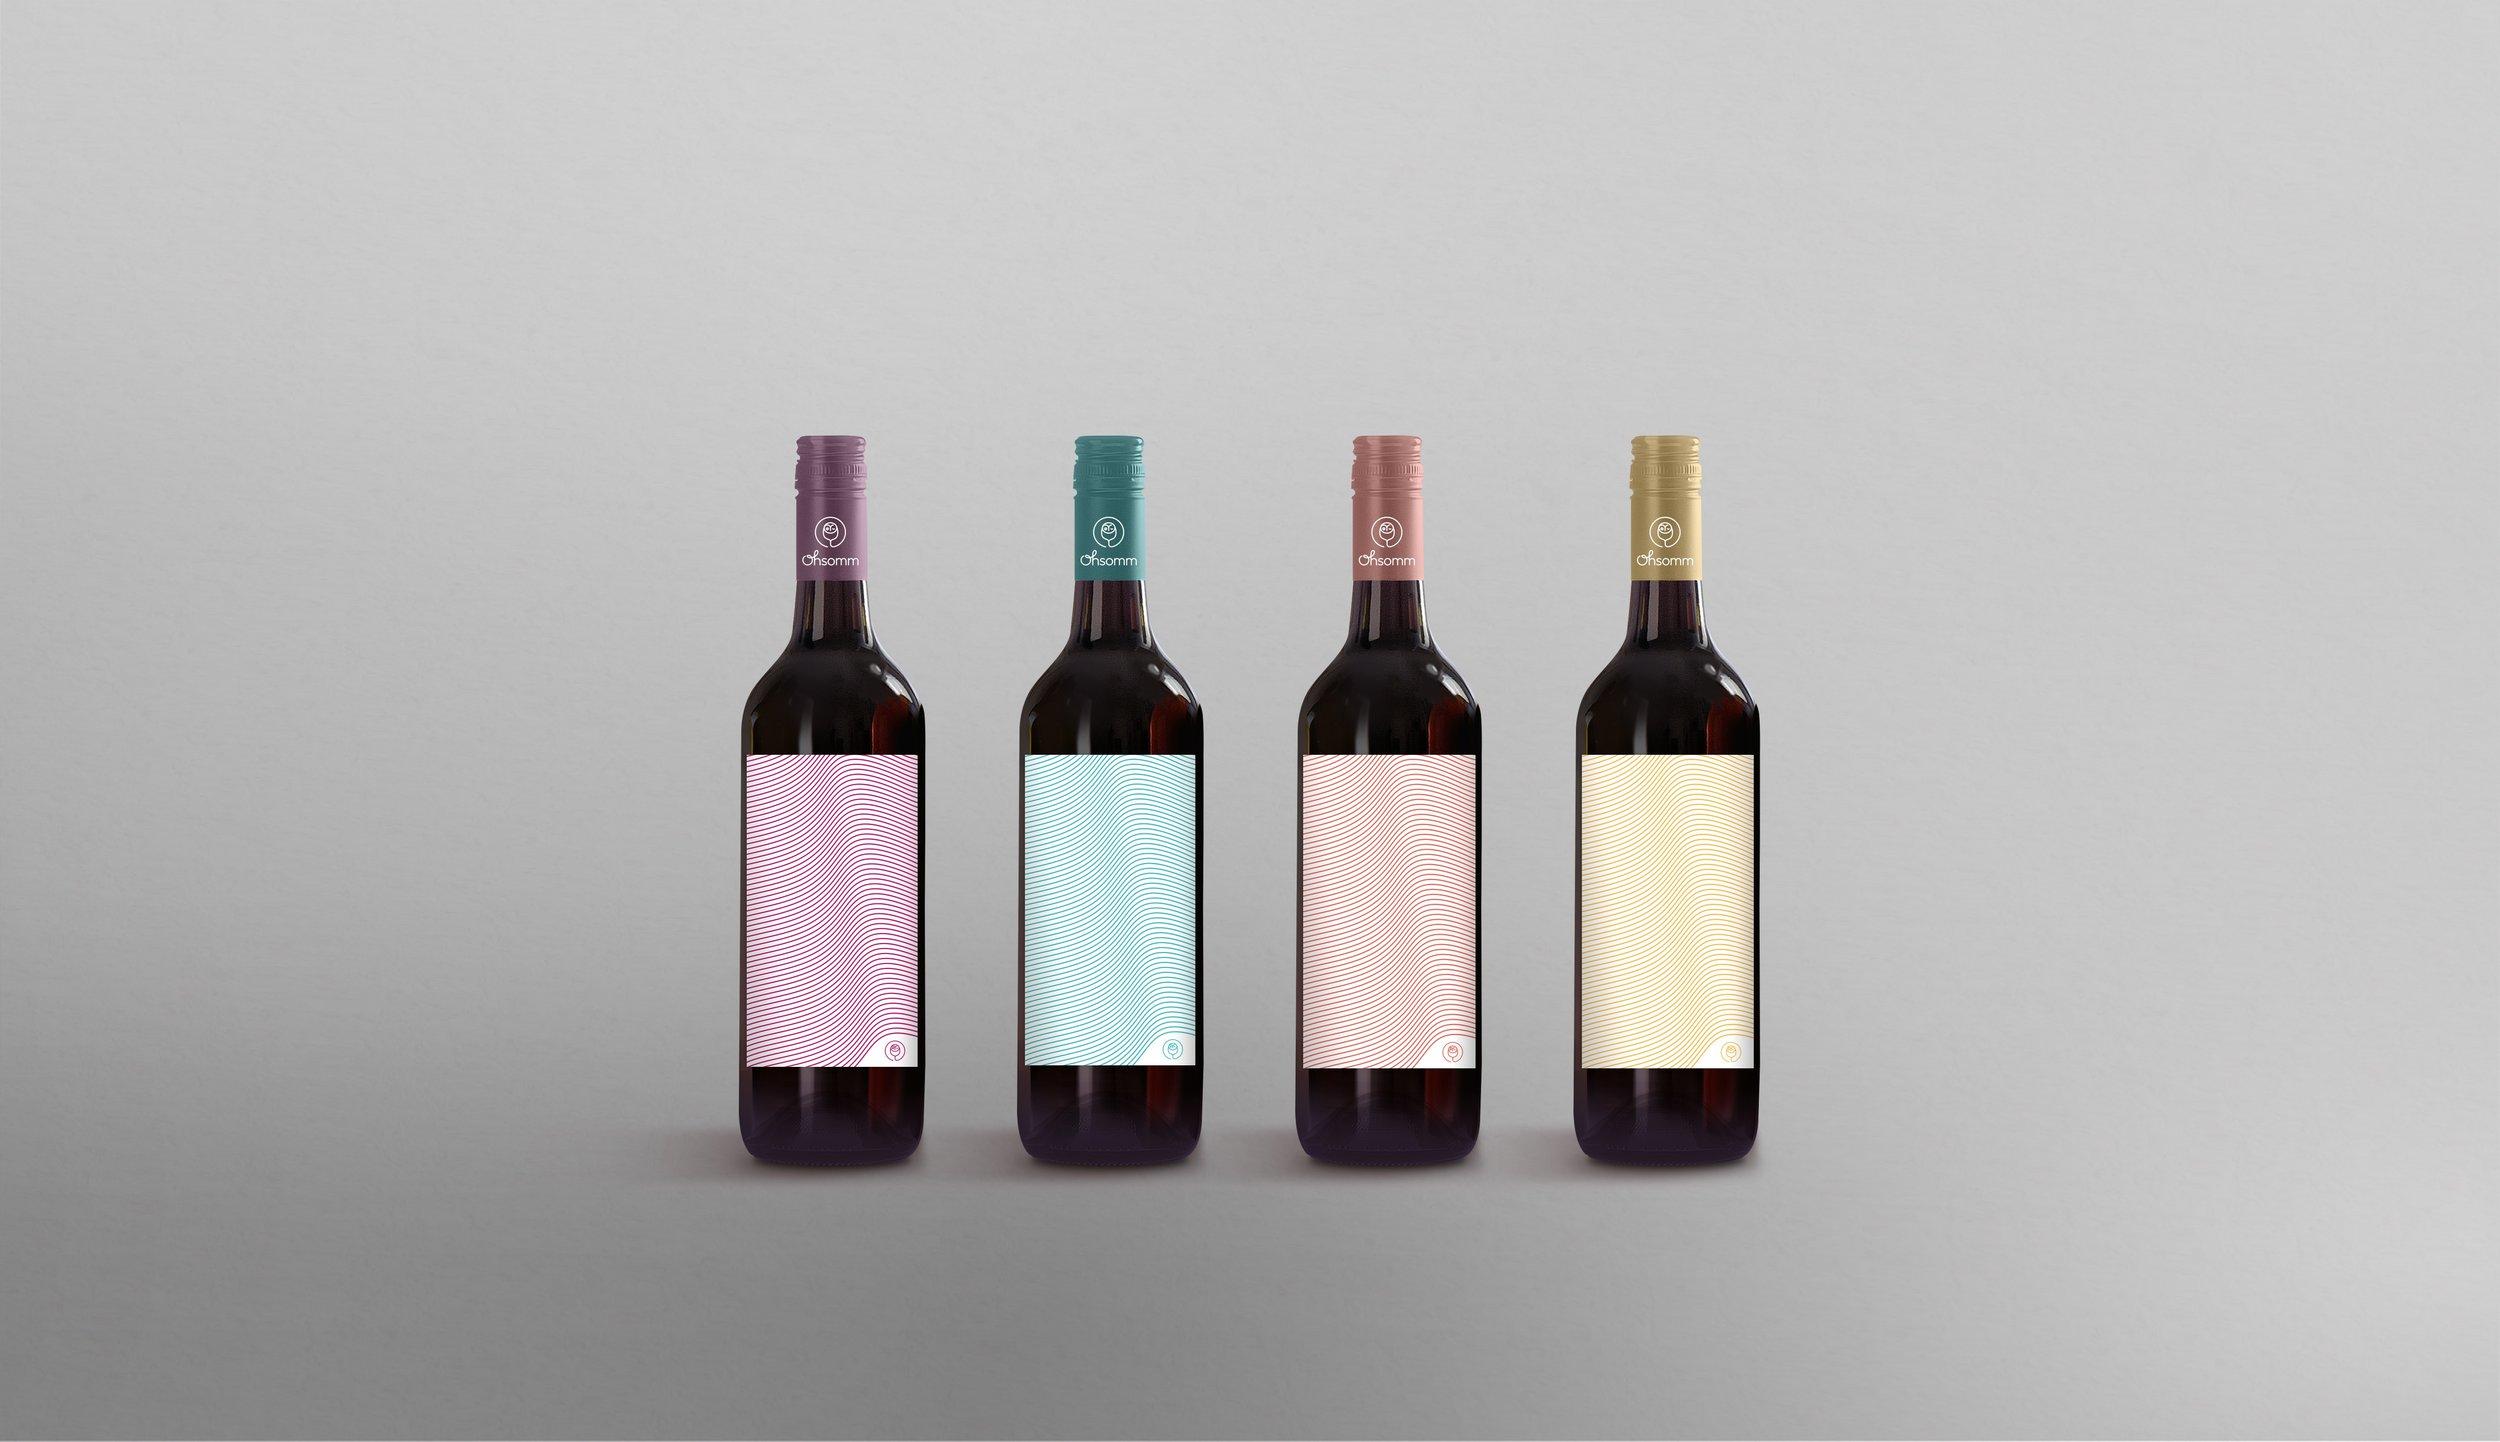 1-1_OHSOMM_Moments Customised-Bordeaux-Front-Label-mockups_Leo_Full Label Wave.jpg